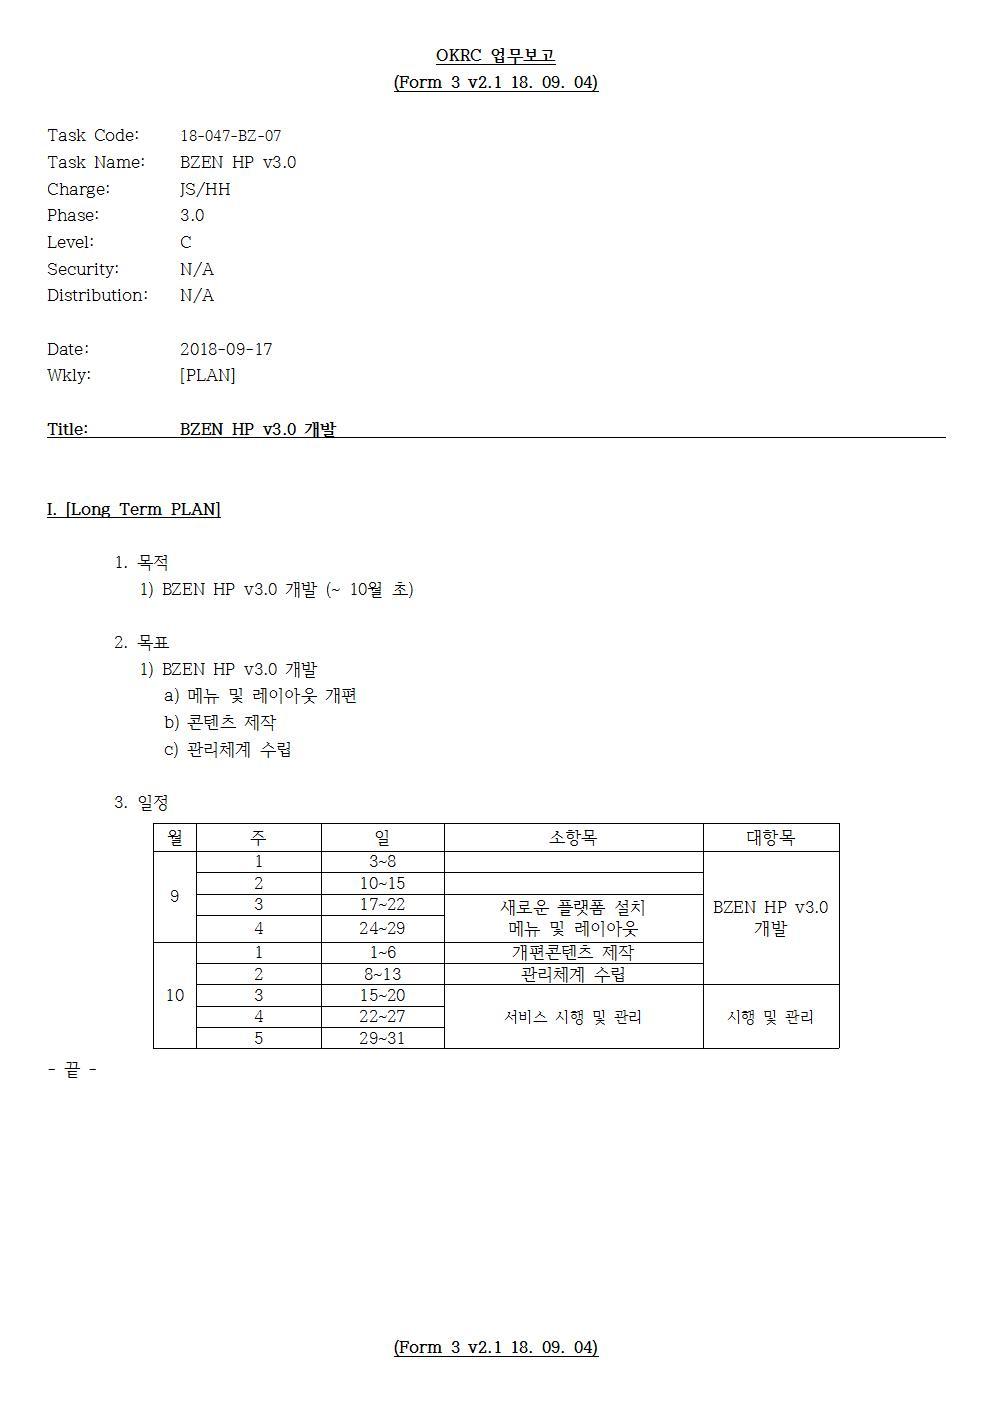 D-[18-047-BZ-07]-[BZEN HP v3.0]-[2018-09-21][JS]001.jpg